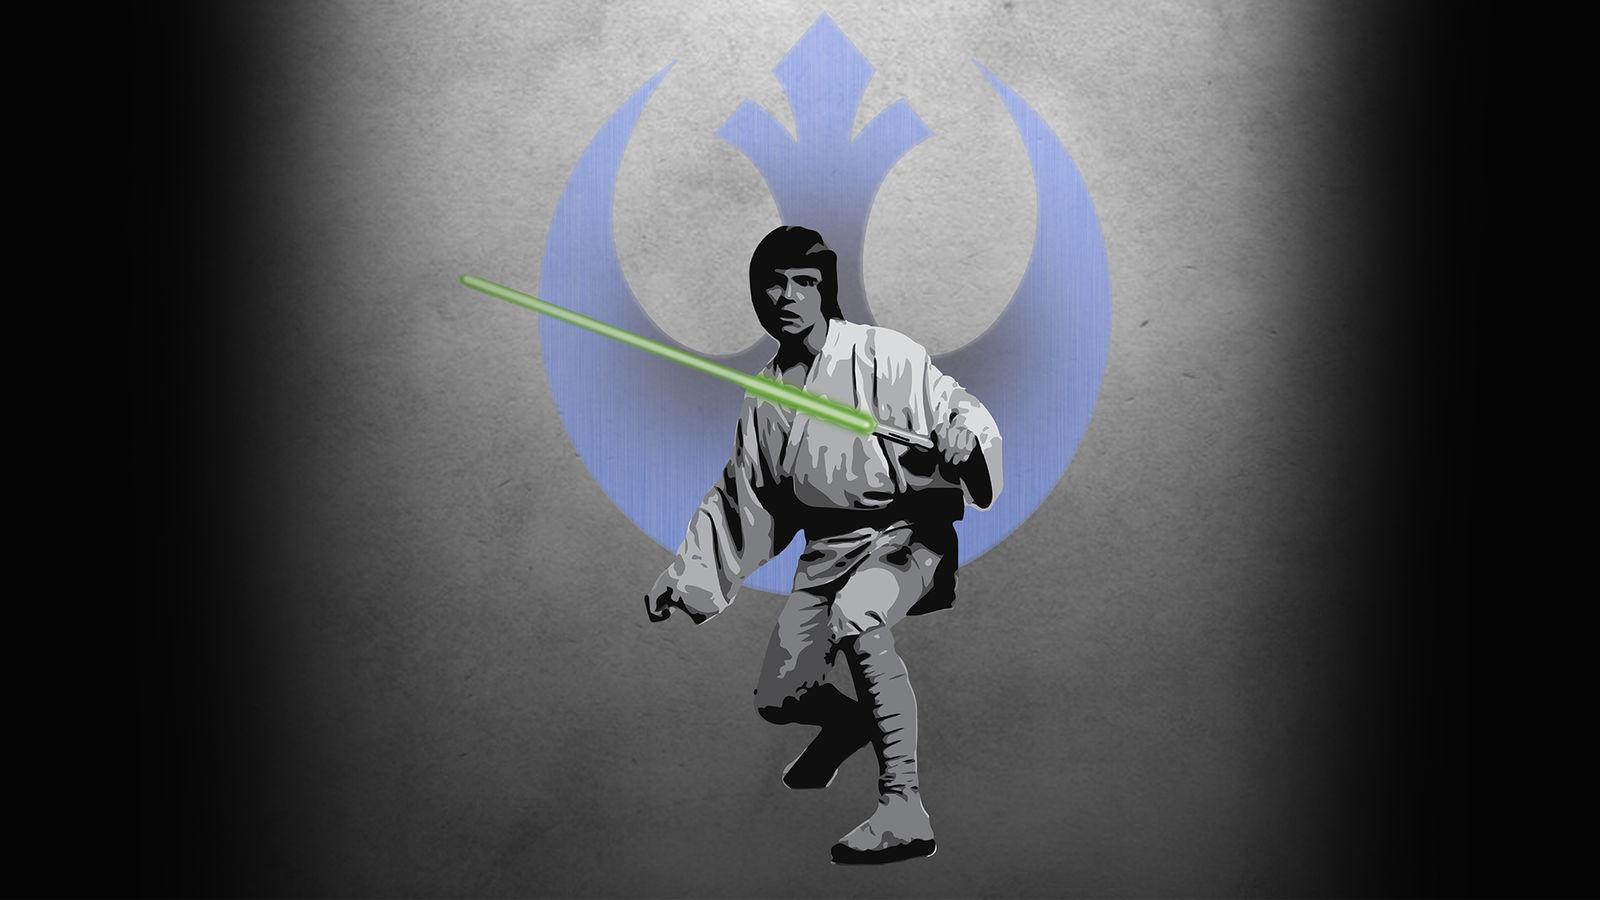 Luke Skywalker Wallpaper By Simonking1 On Deviantart